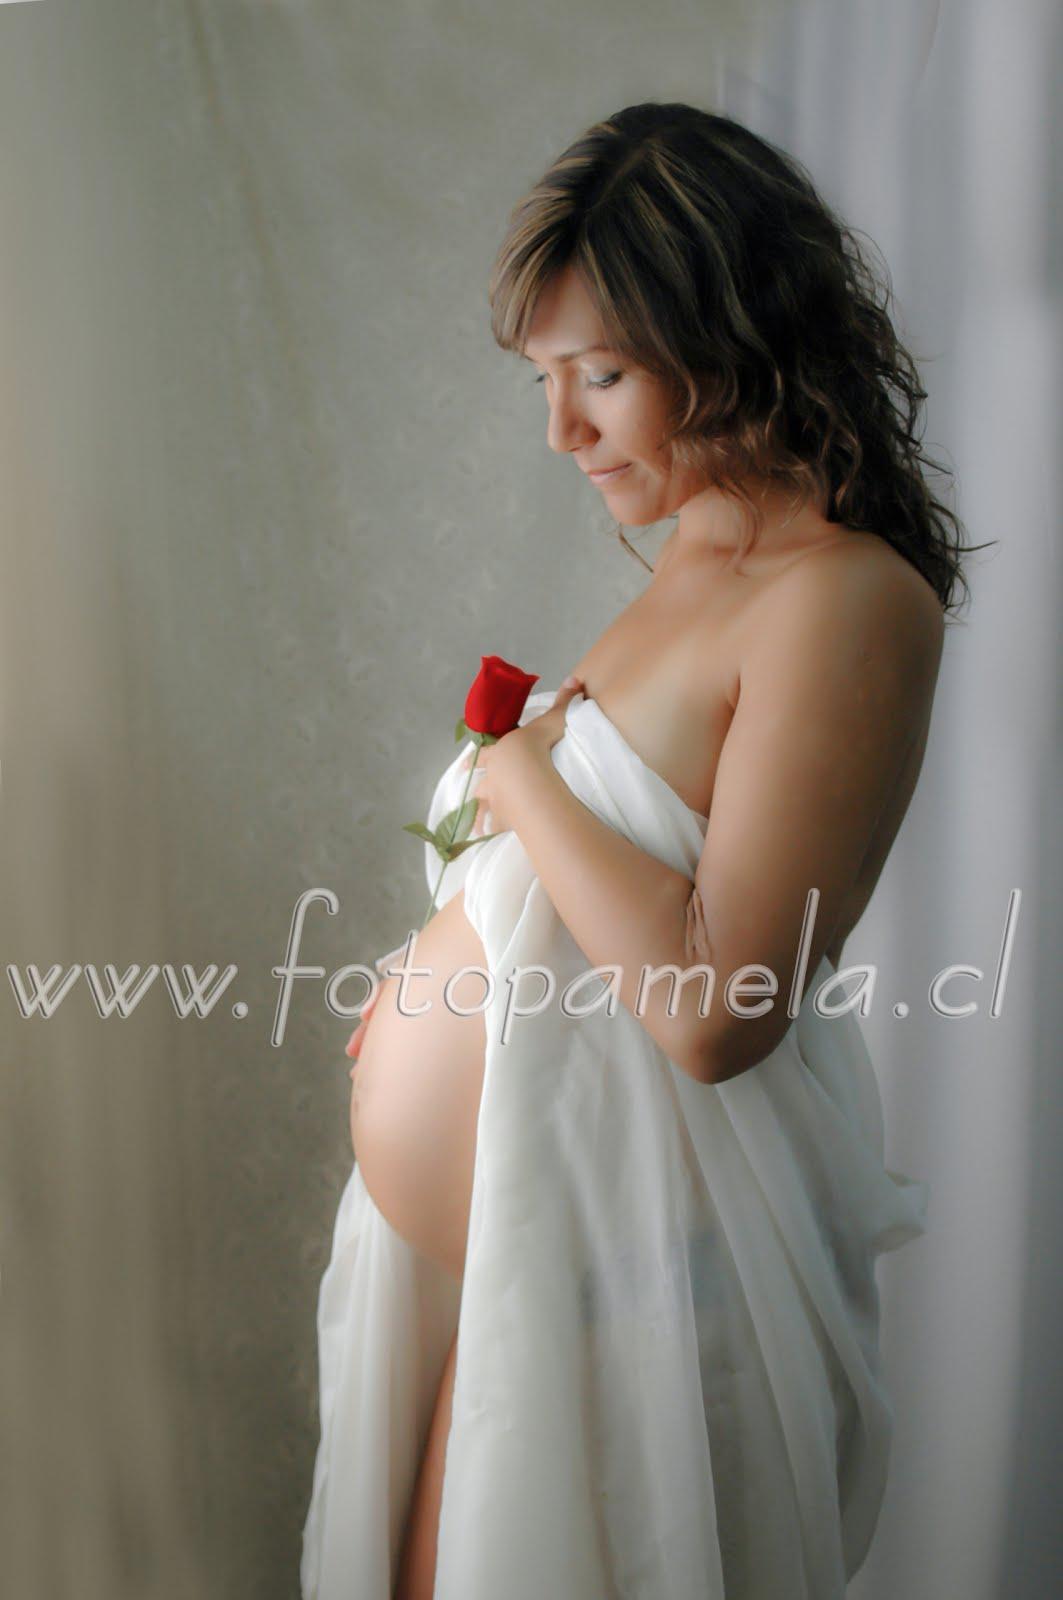 foto artistica embarazad tela blanca rosa roja luz natural